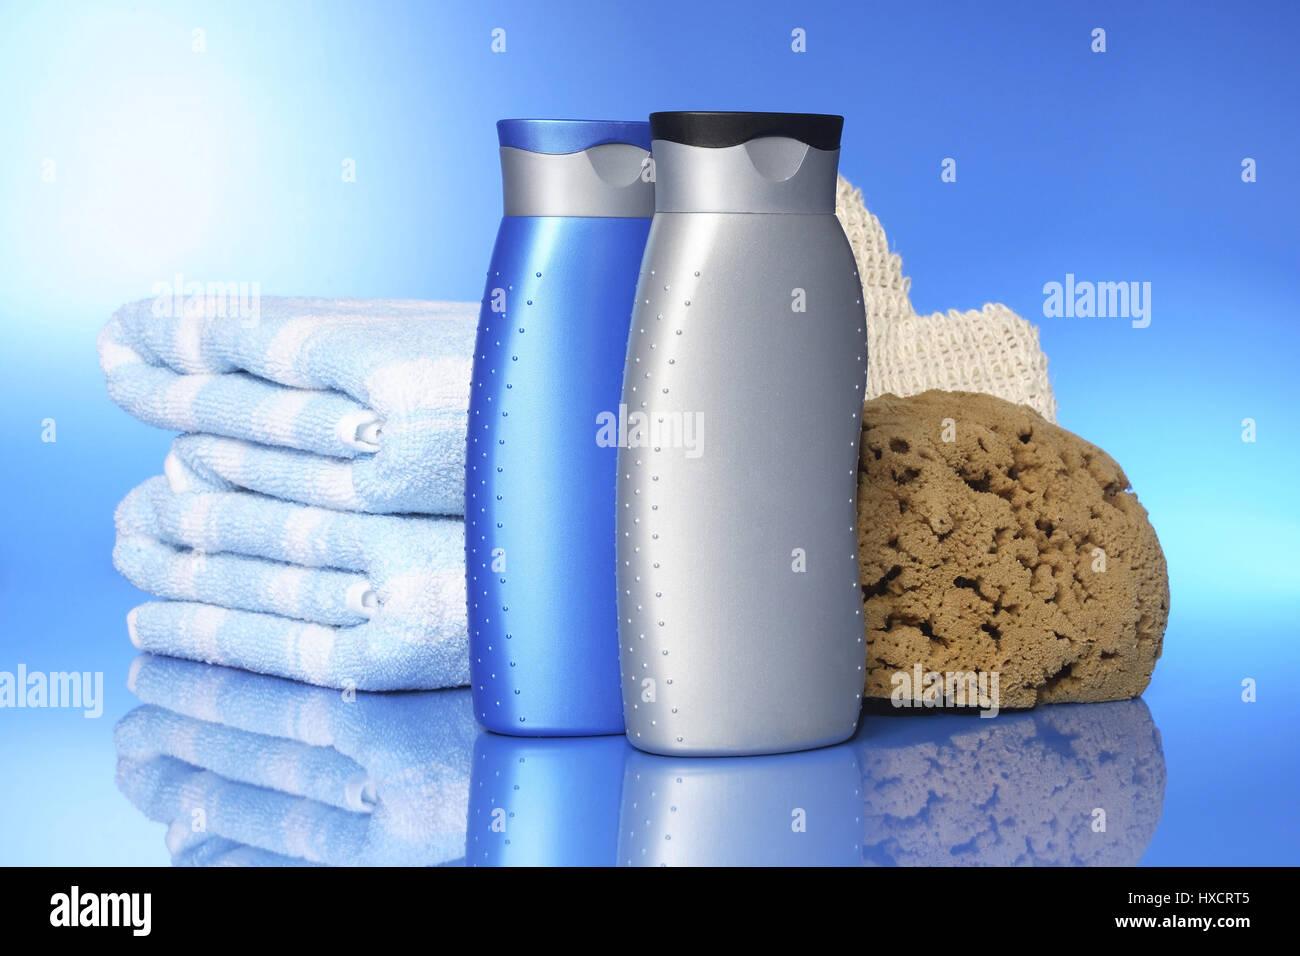 Shower gel with towel and sponge, Duschgel mit Handtuch und Schwamm Stock Photo